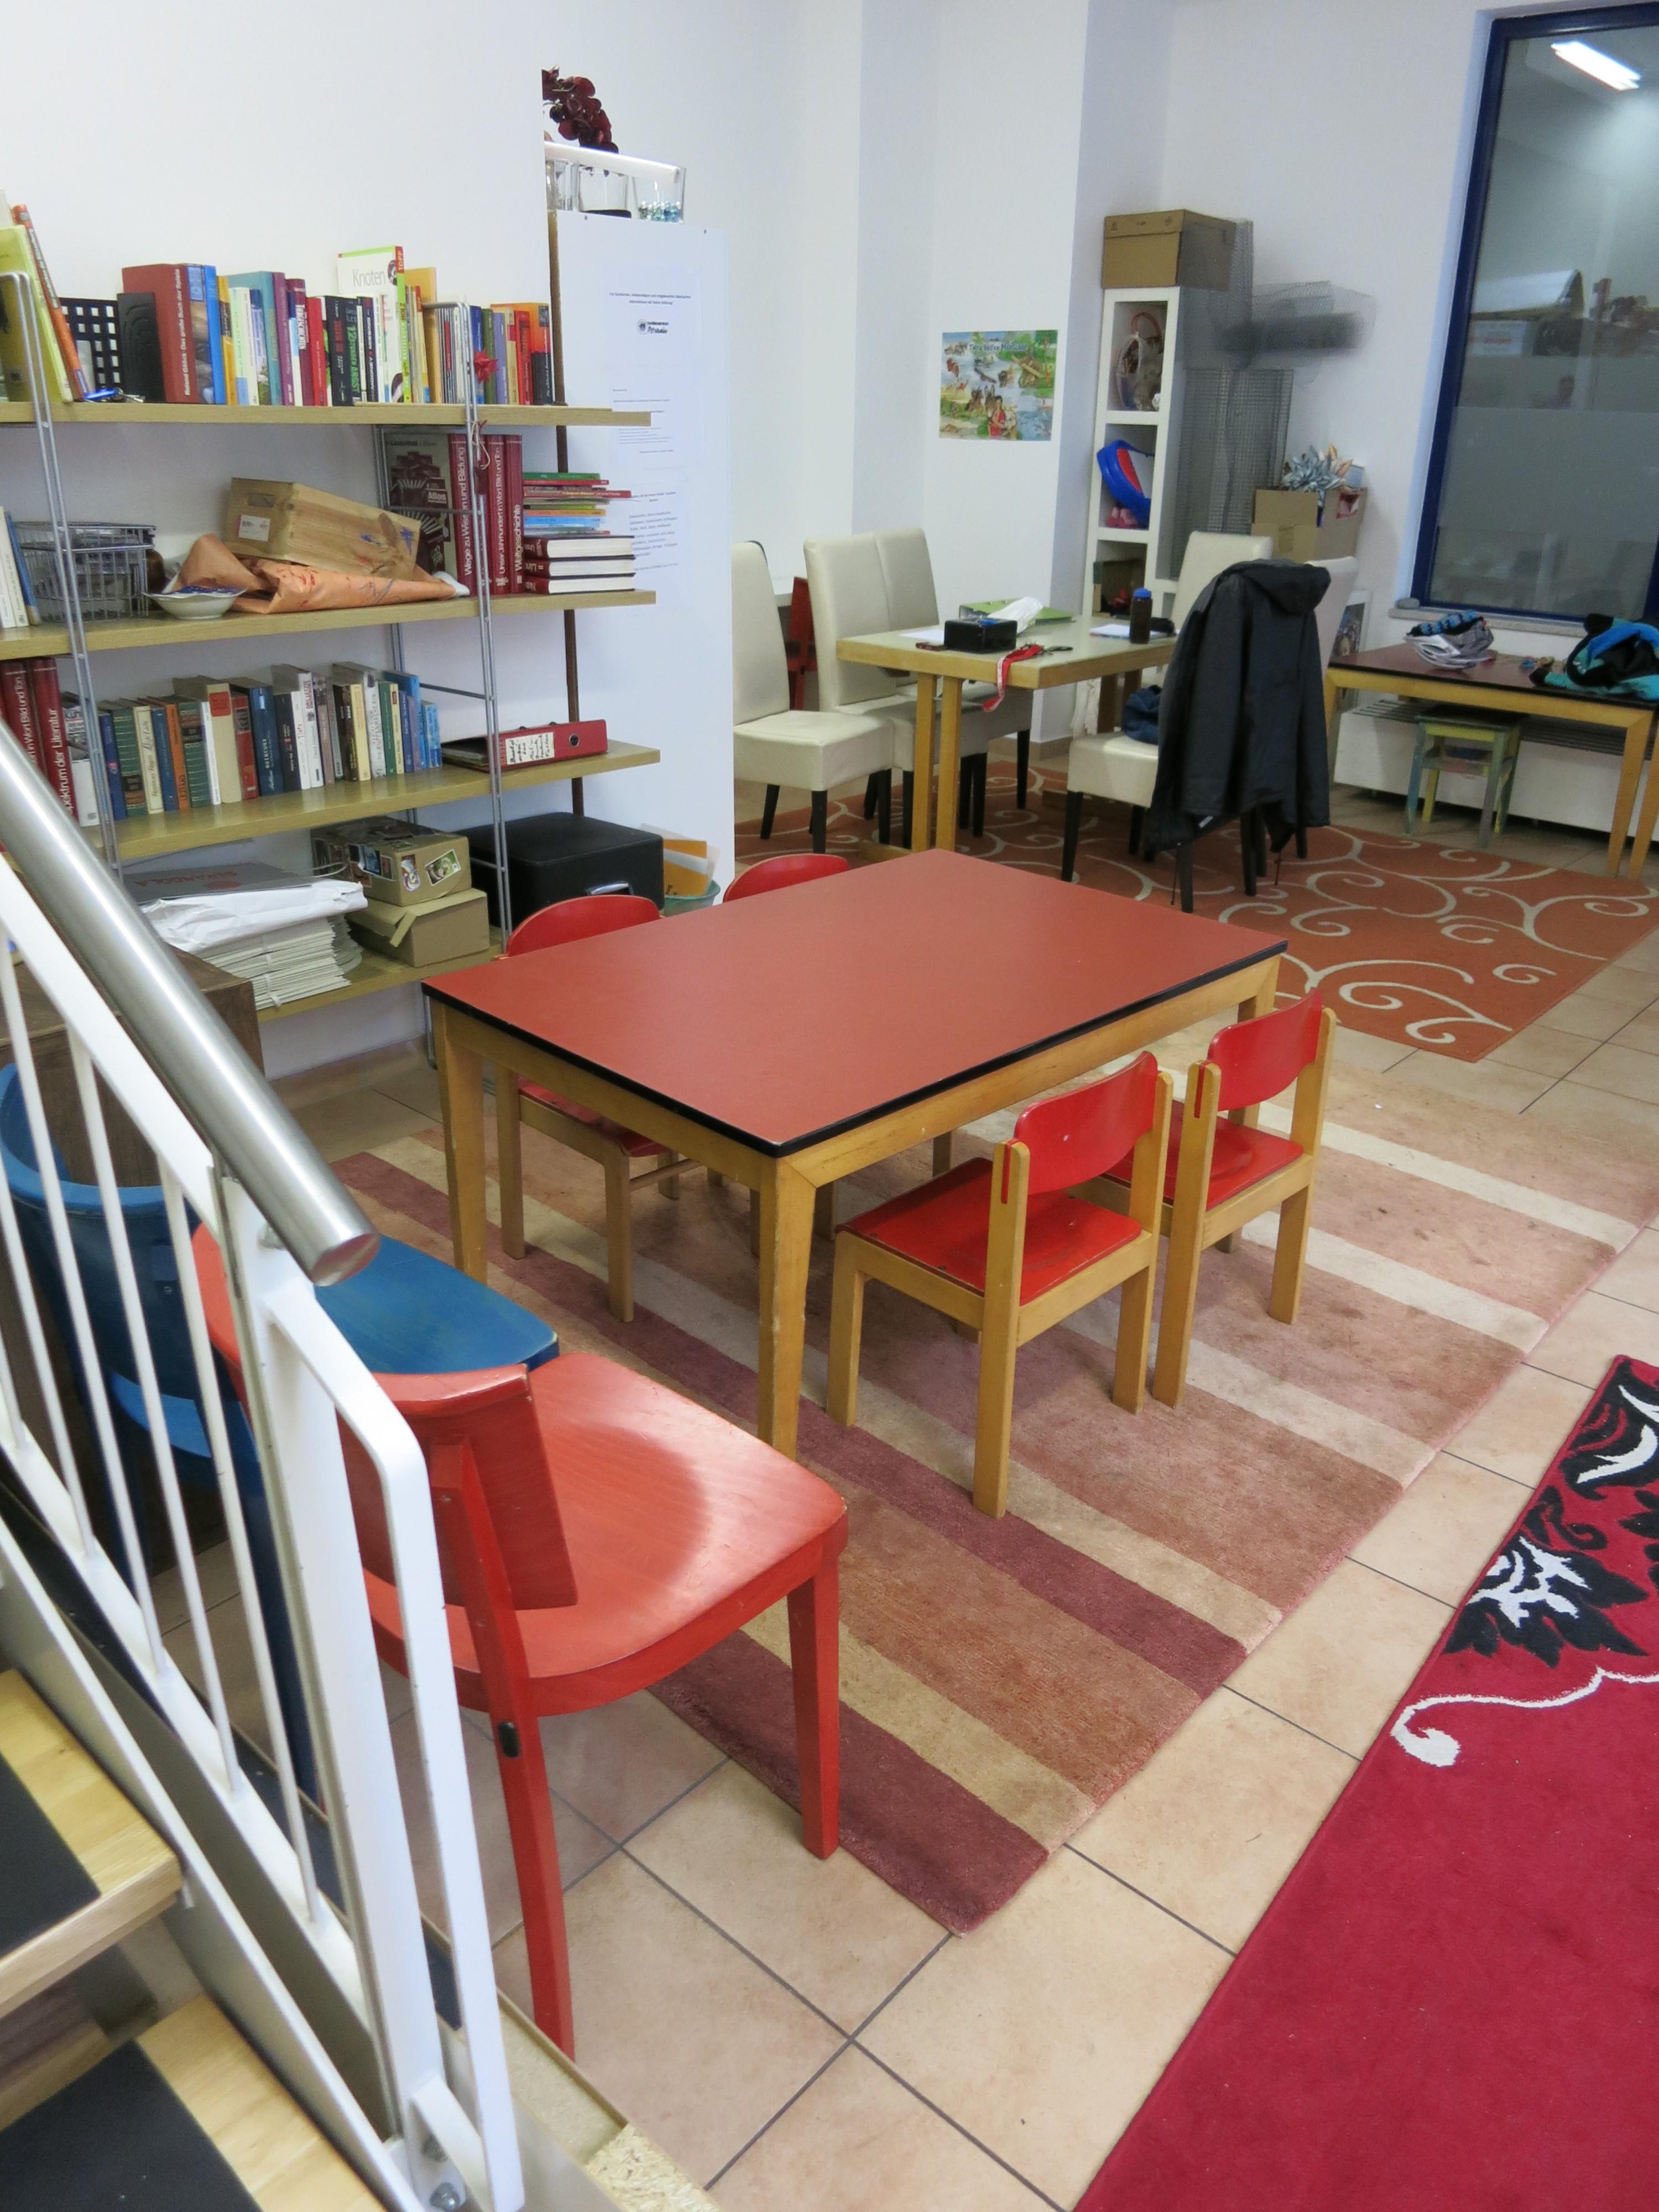 r ume f r kindergeburtstage in m nchen mieten. Black Bedroom Furniture Sets. Home Design Ideas